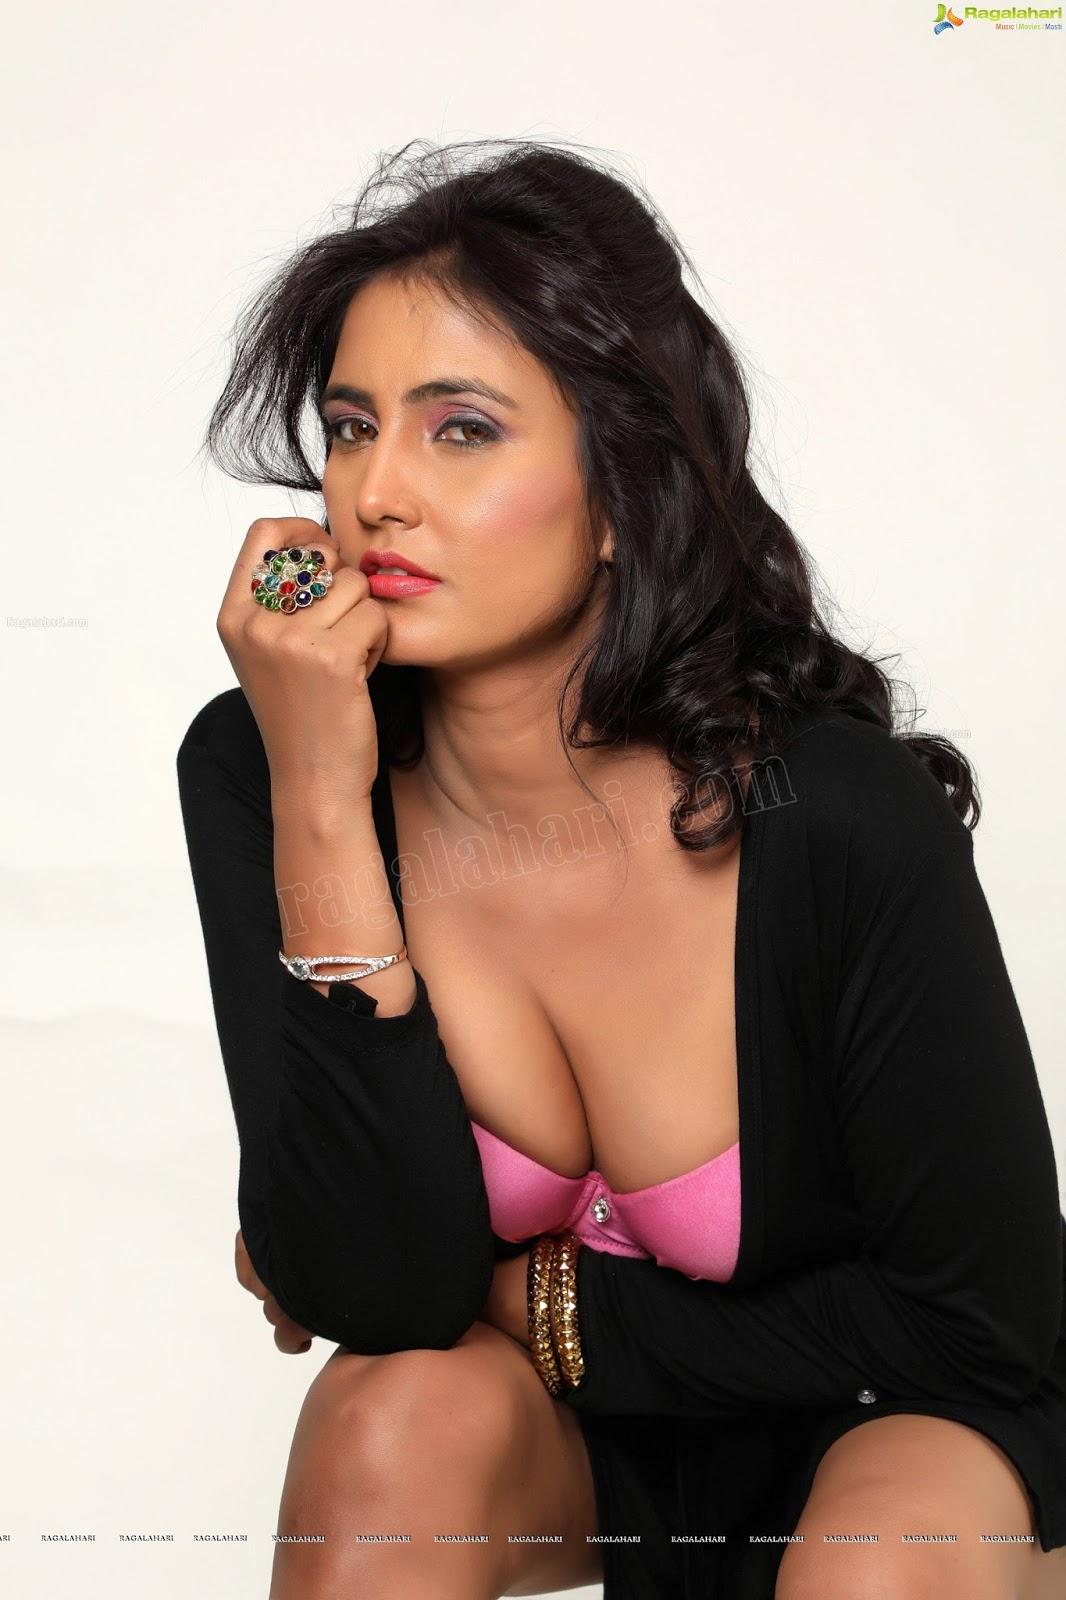 vijaya maheshwari telugu actress maheswari